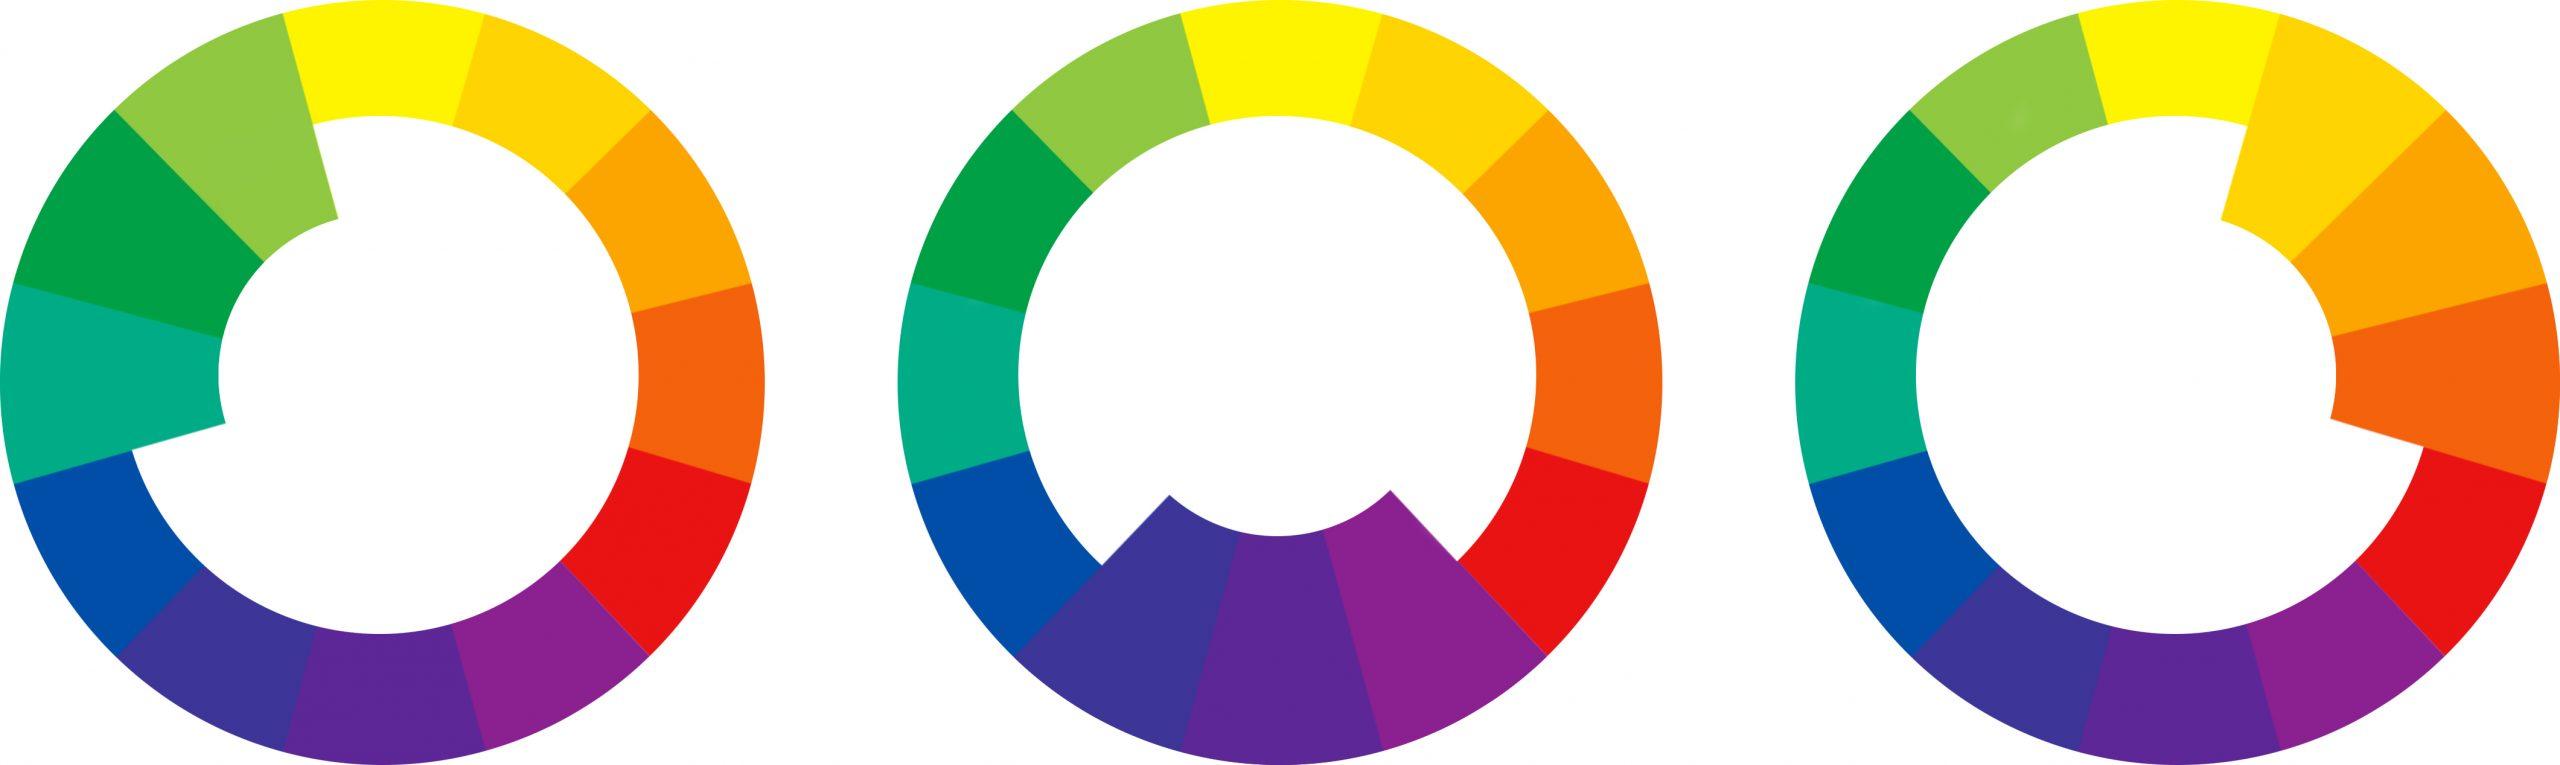 Analogous Tones Color Chart